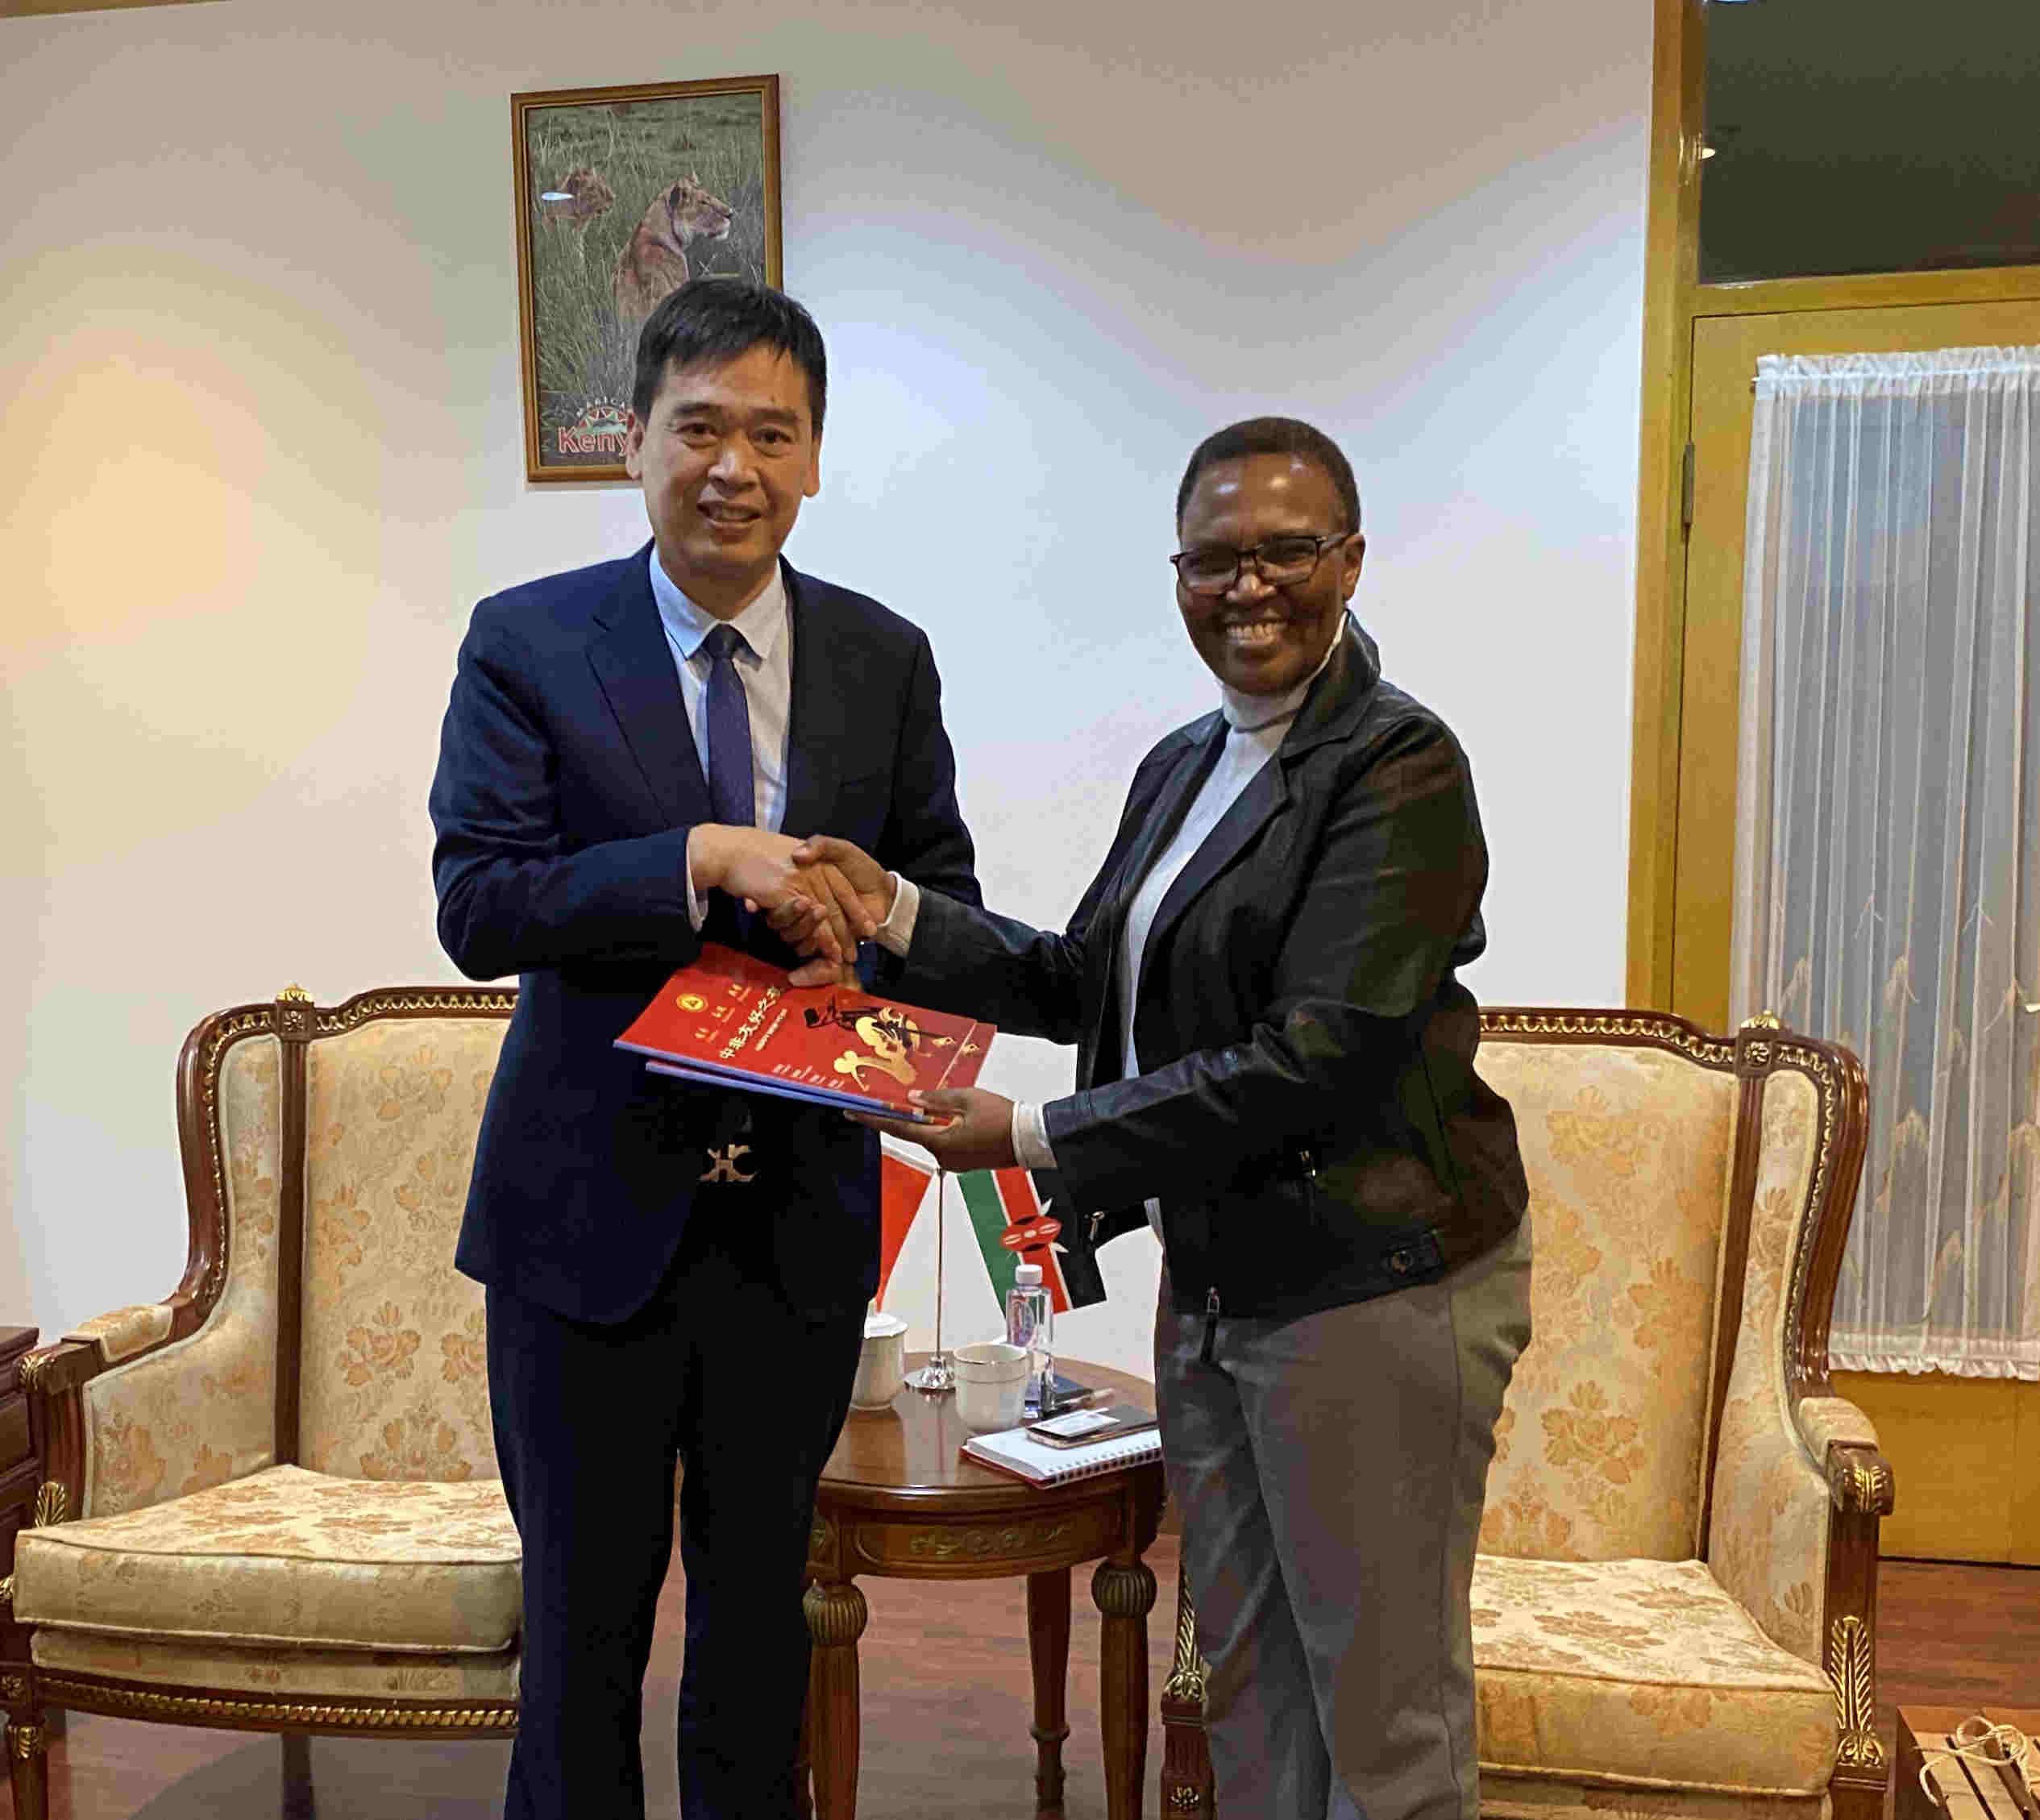 基金会及企业与肯尼亚驻华使馆洽谈捐赠医疗设备事宜